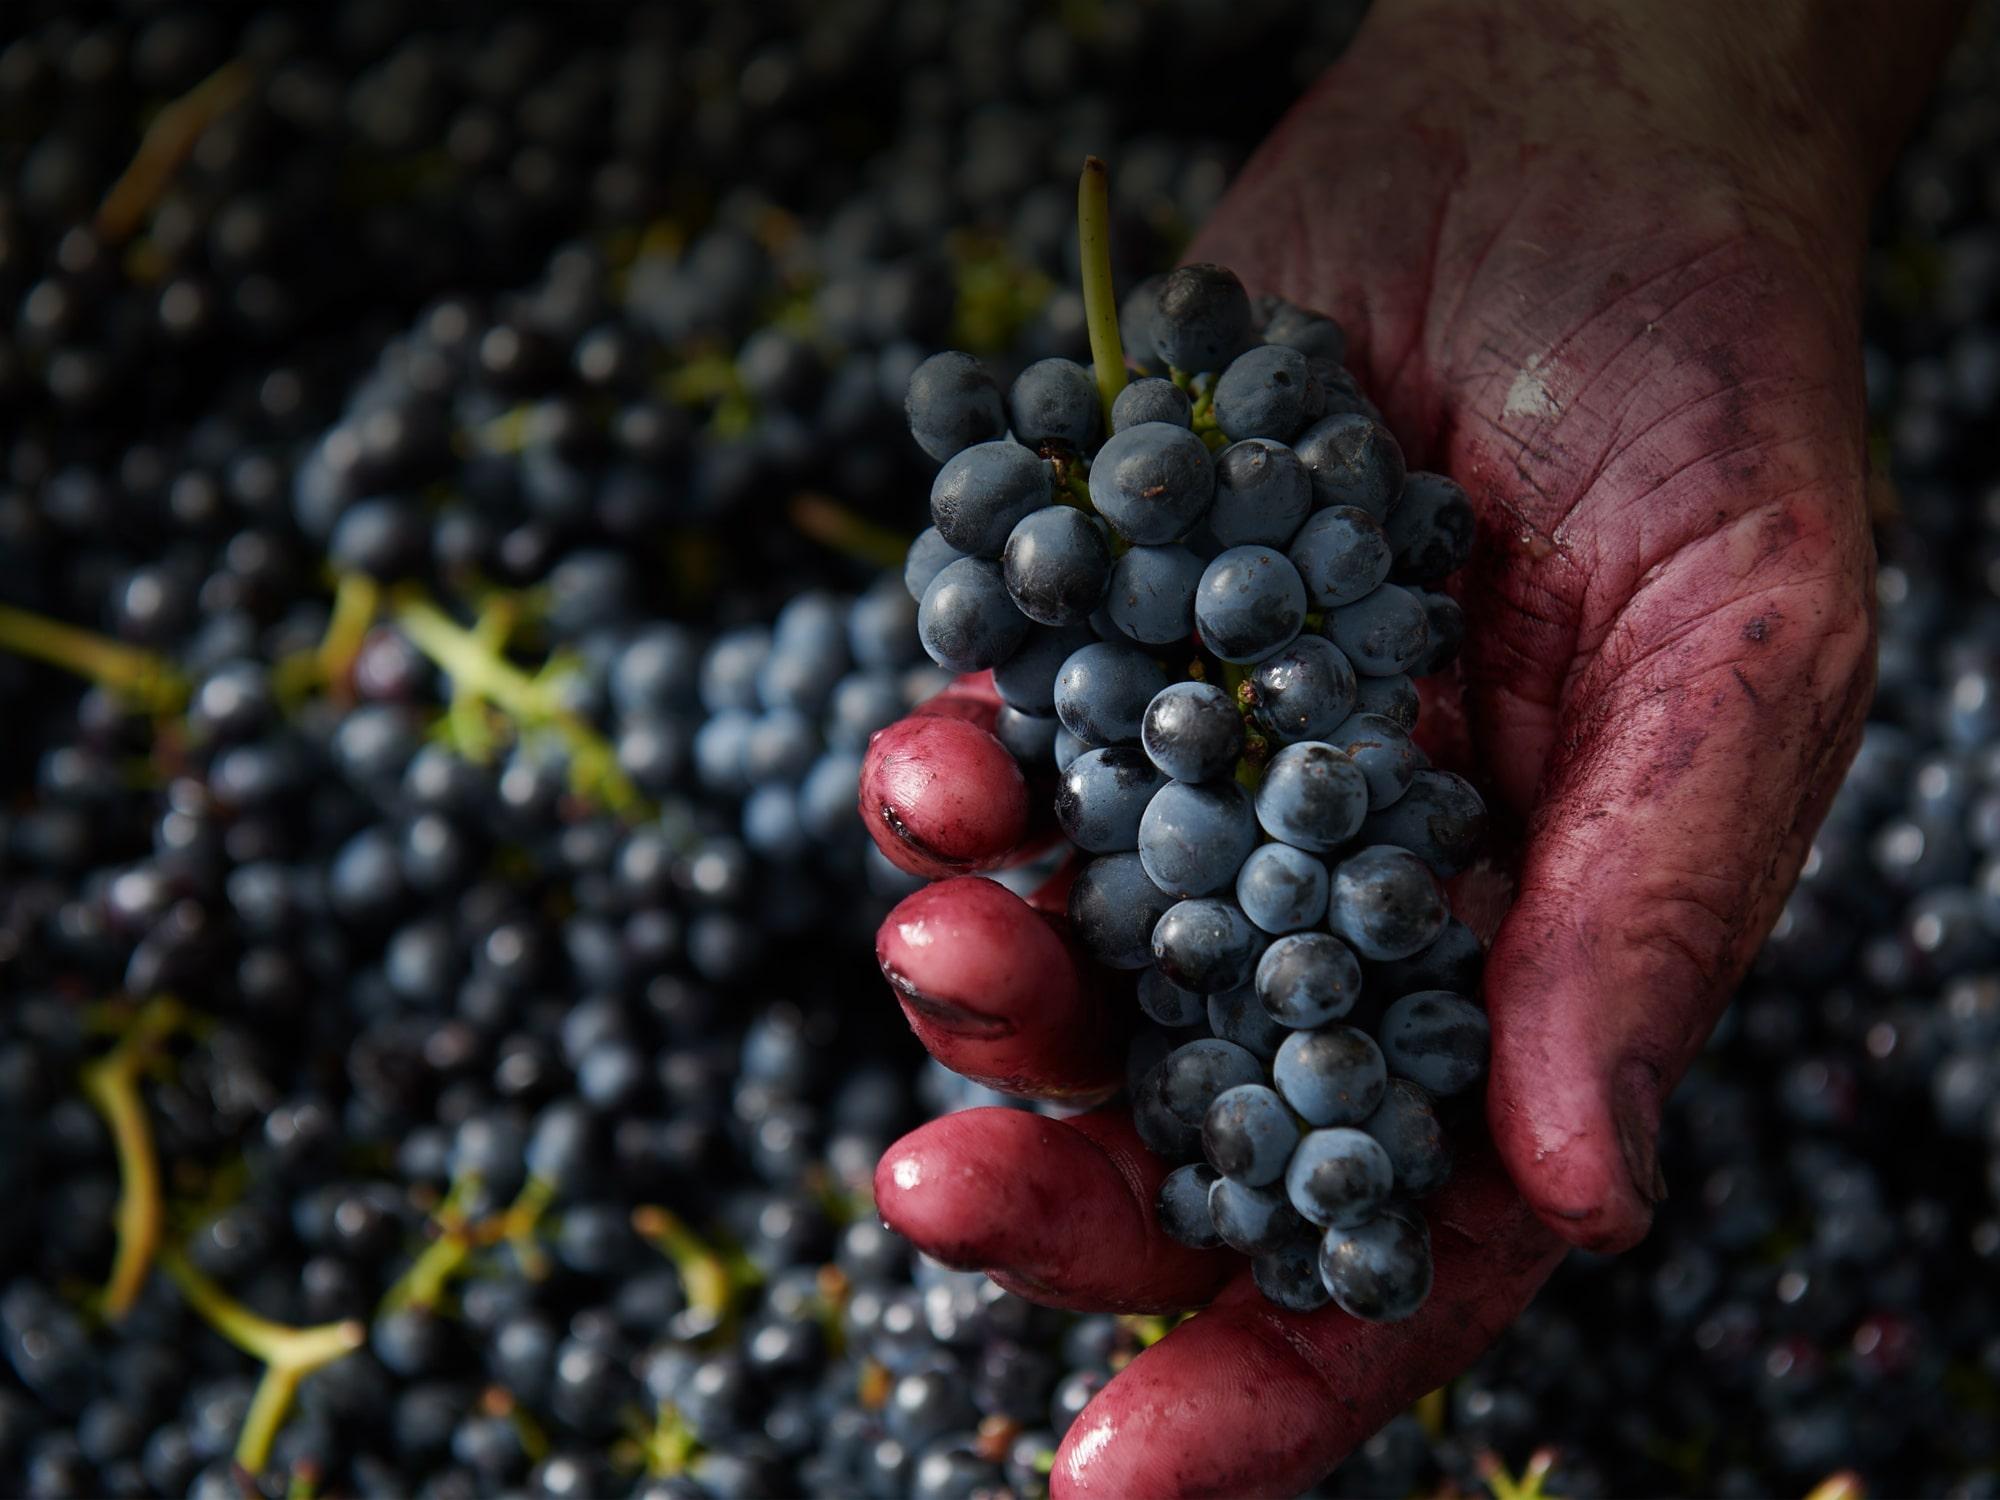 grape-hand-min.jpg